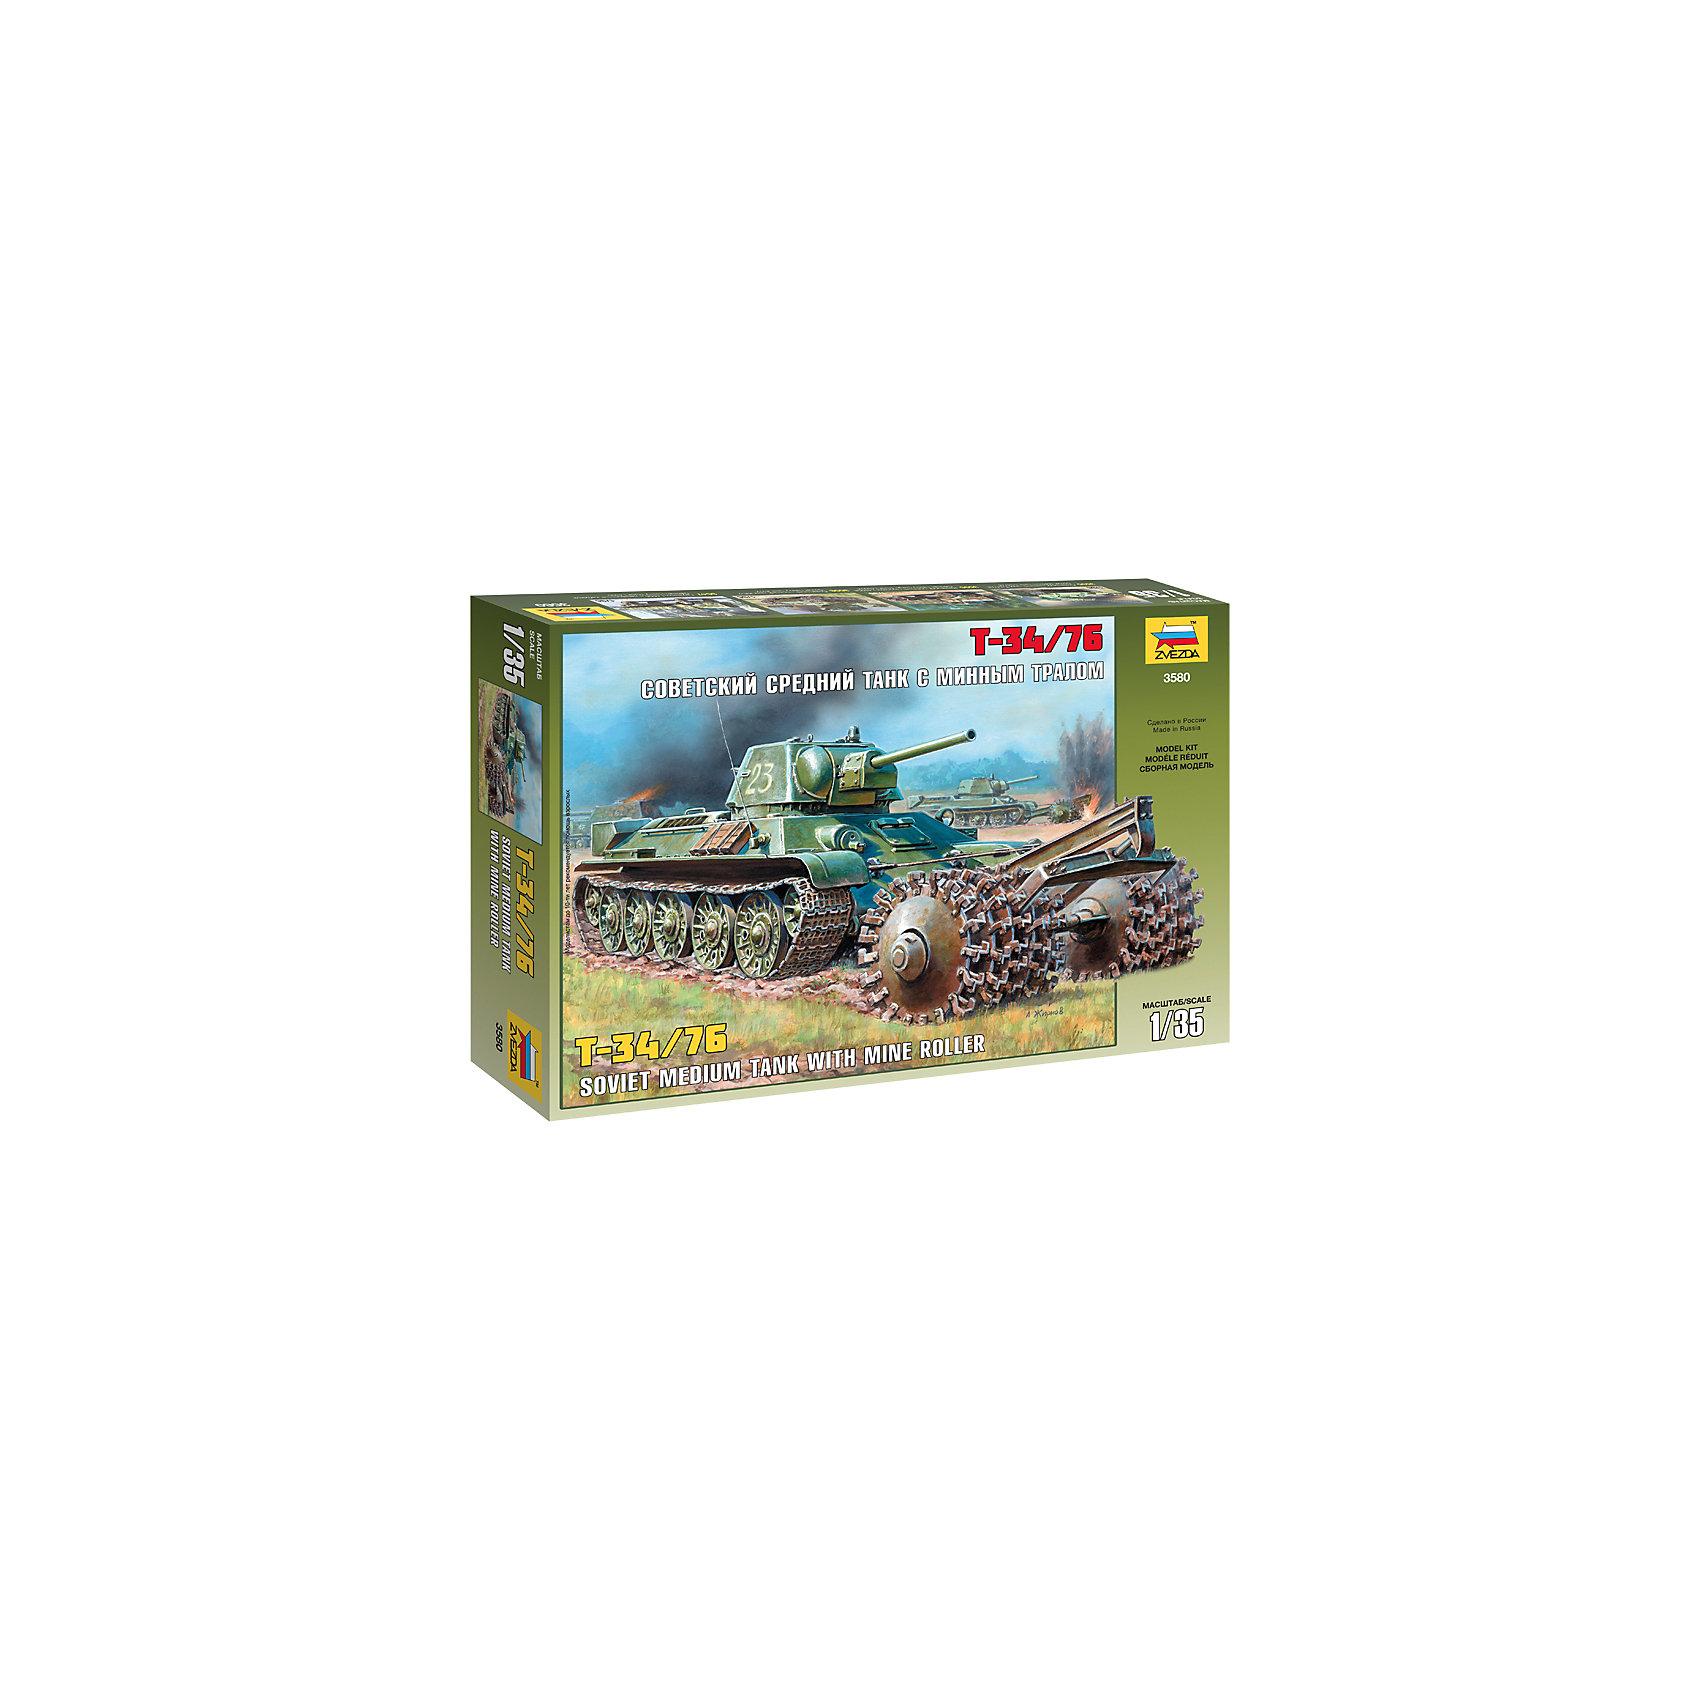 Звезда Сборная модель Танк Т-34/76с минным тралом, Звезда